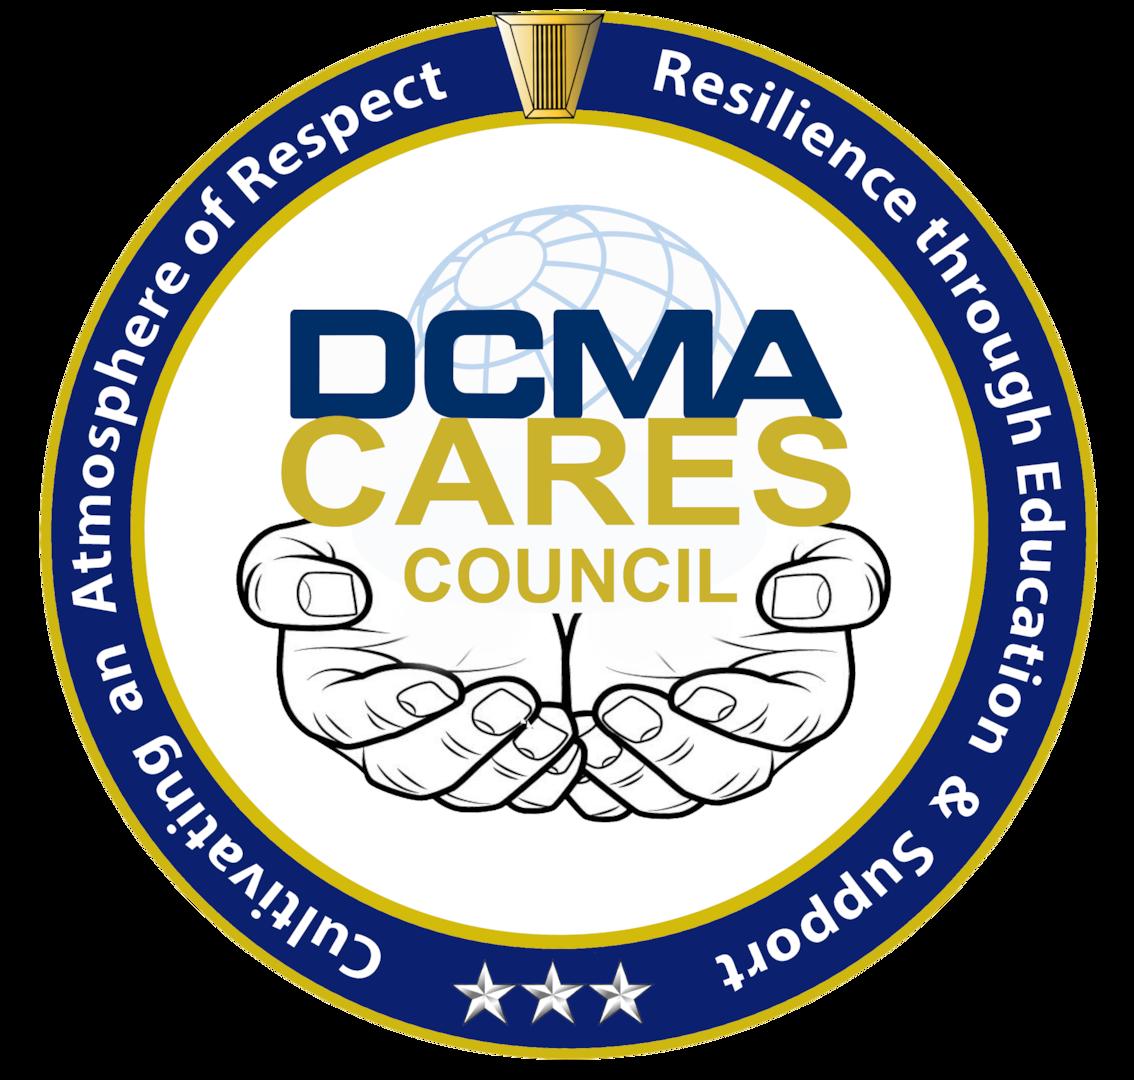 DCMA CARES Council logo